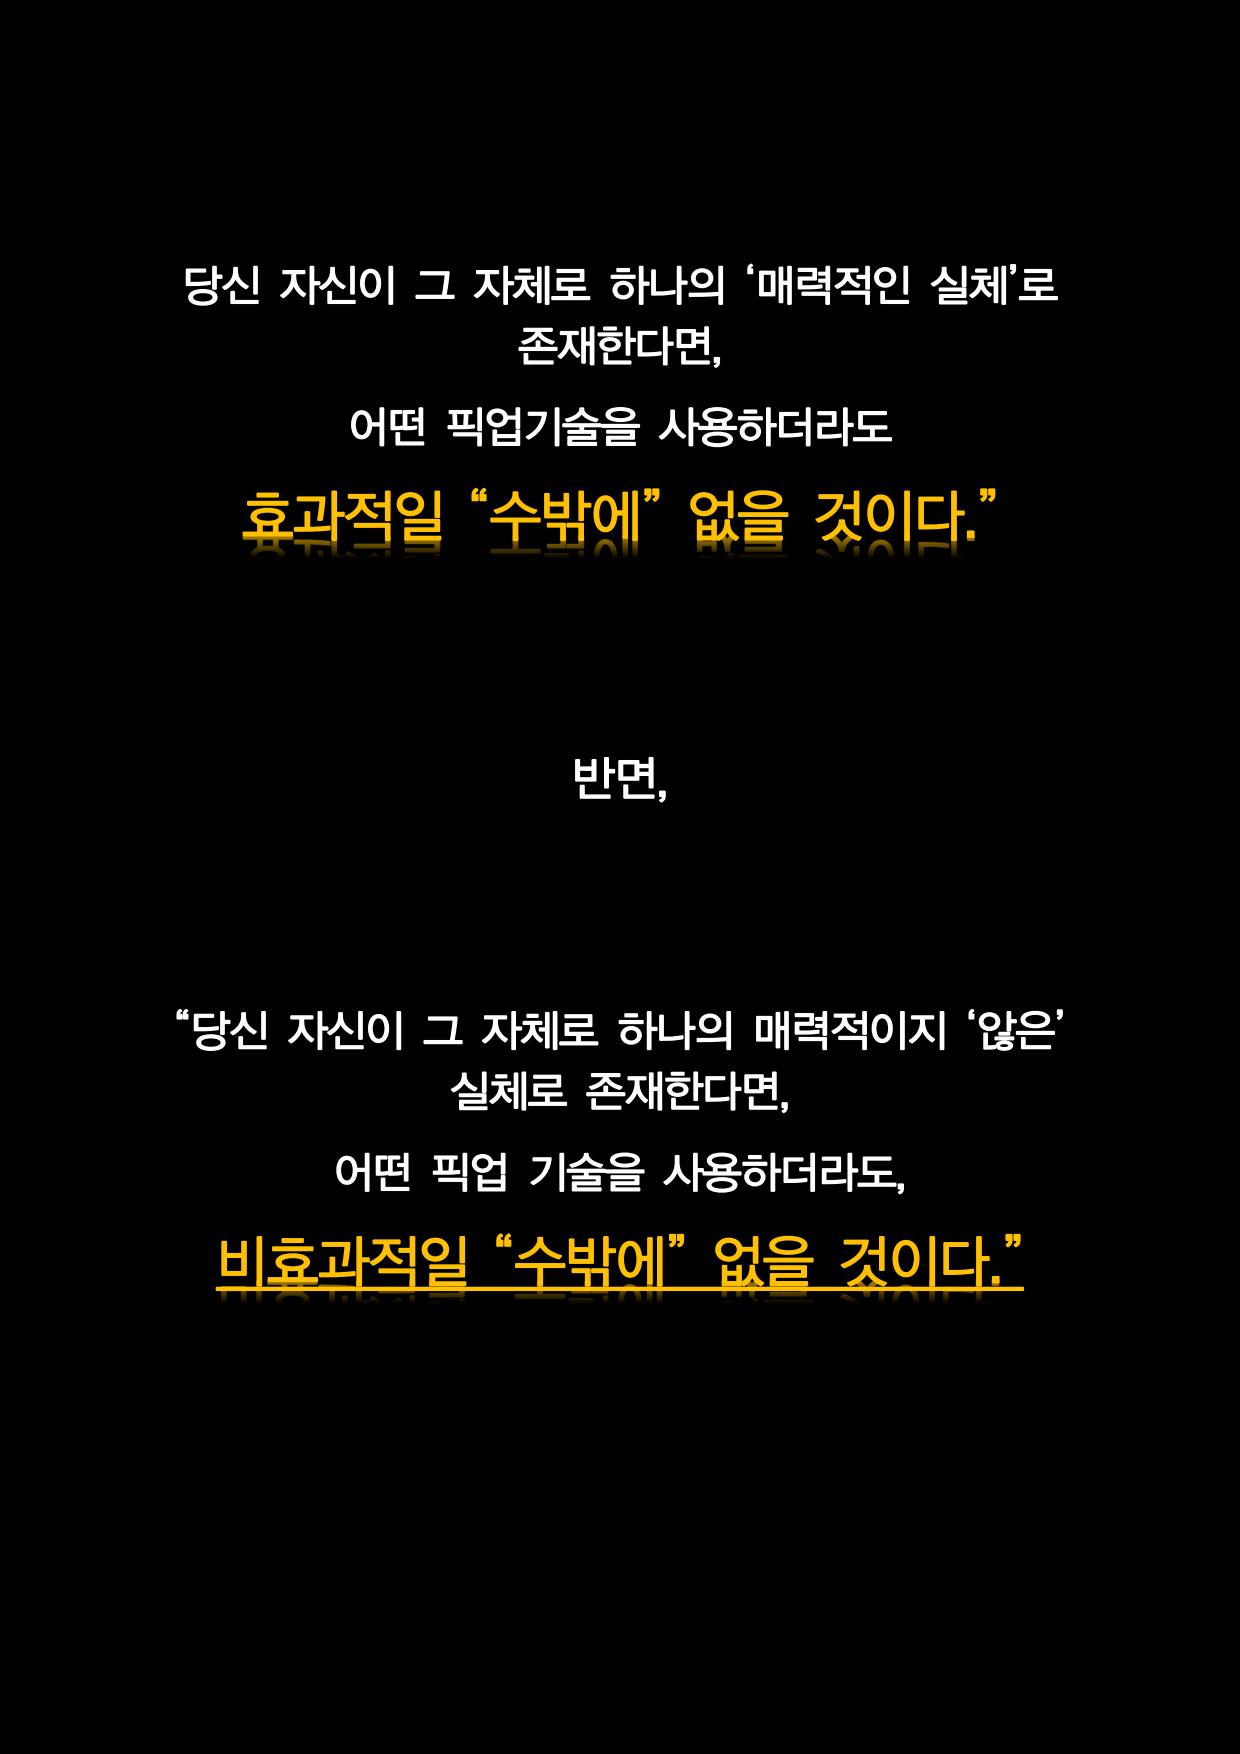 본 머티리어 1회차 홍보글(폰트 포함)_07.png